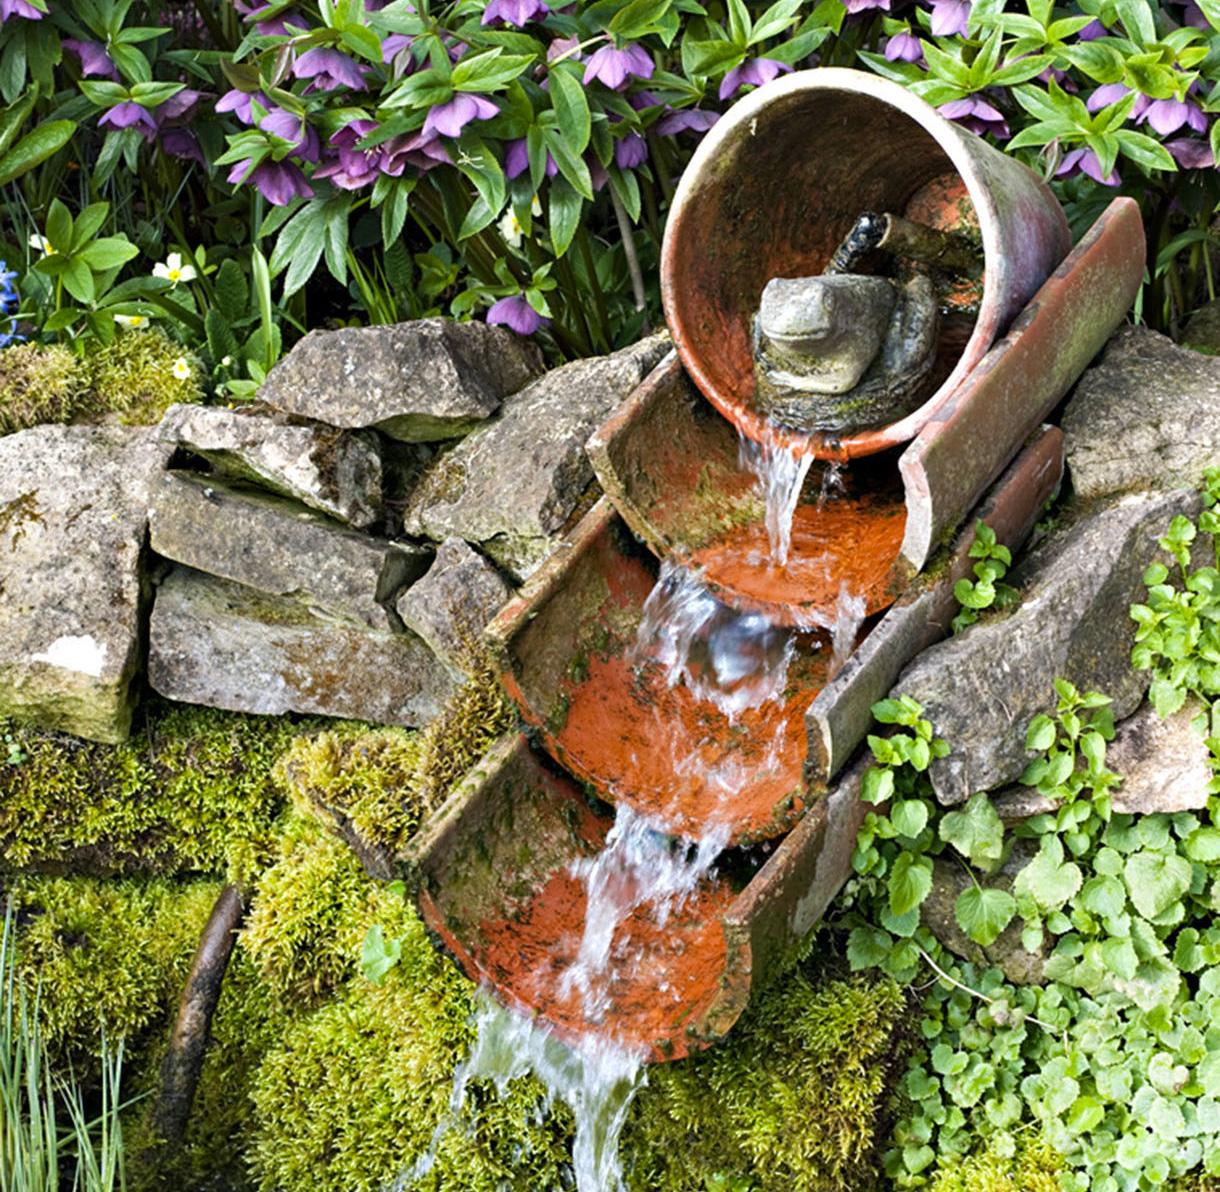 9 Exemples De Fontaines Pour Votre Jardin - Détente Jardin à Fabriquer Une Fontaine De Jardin